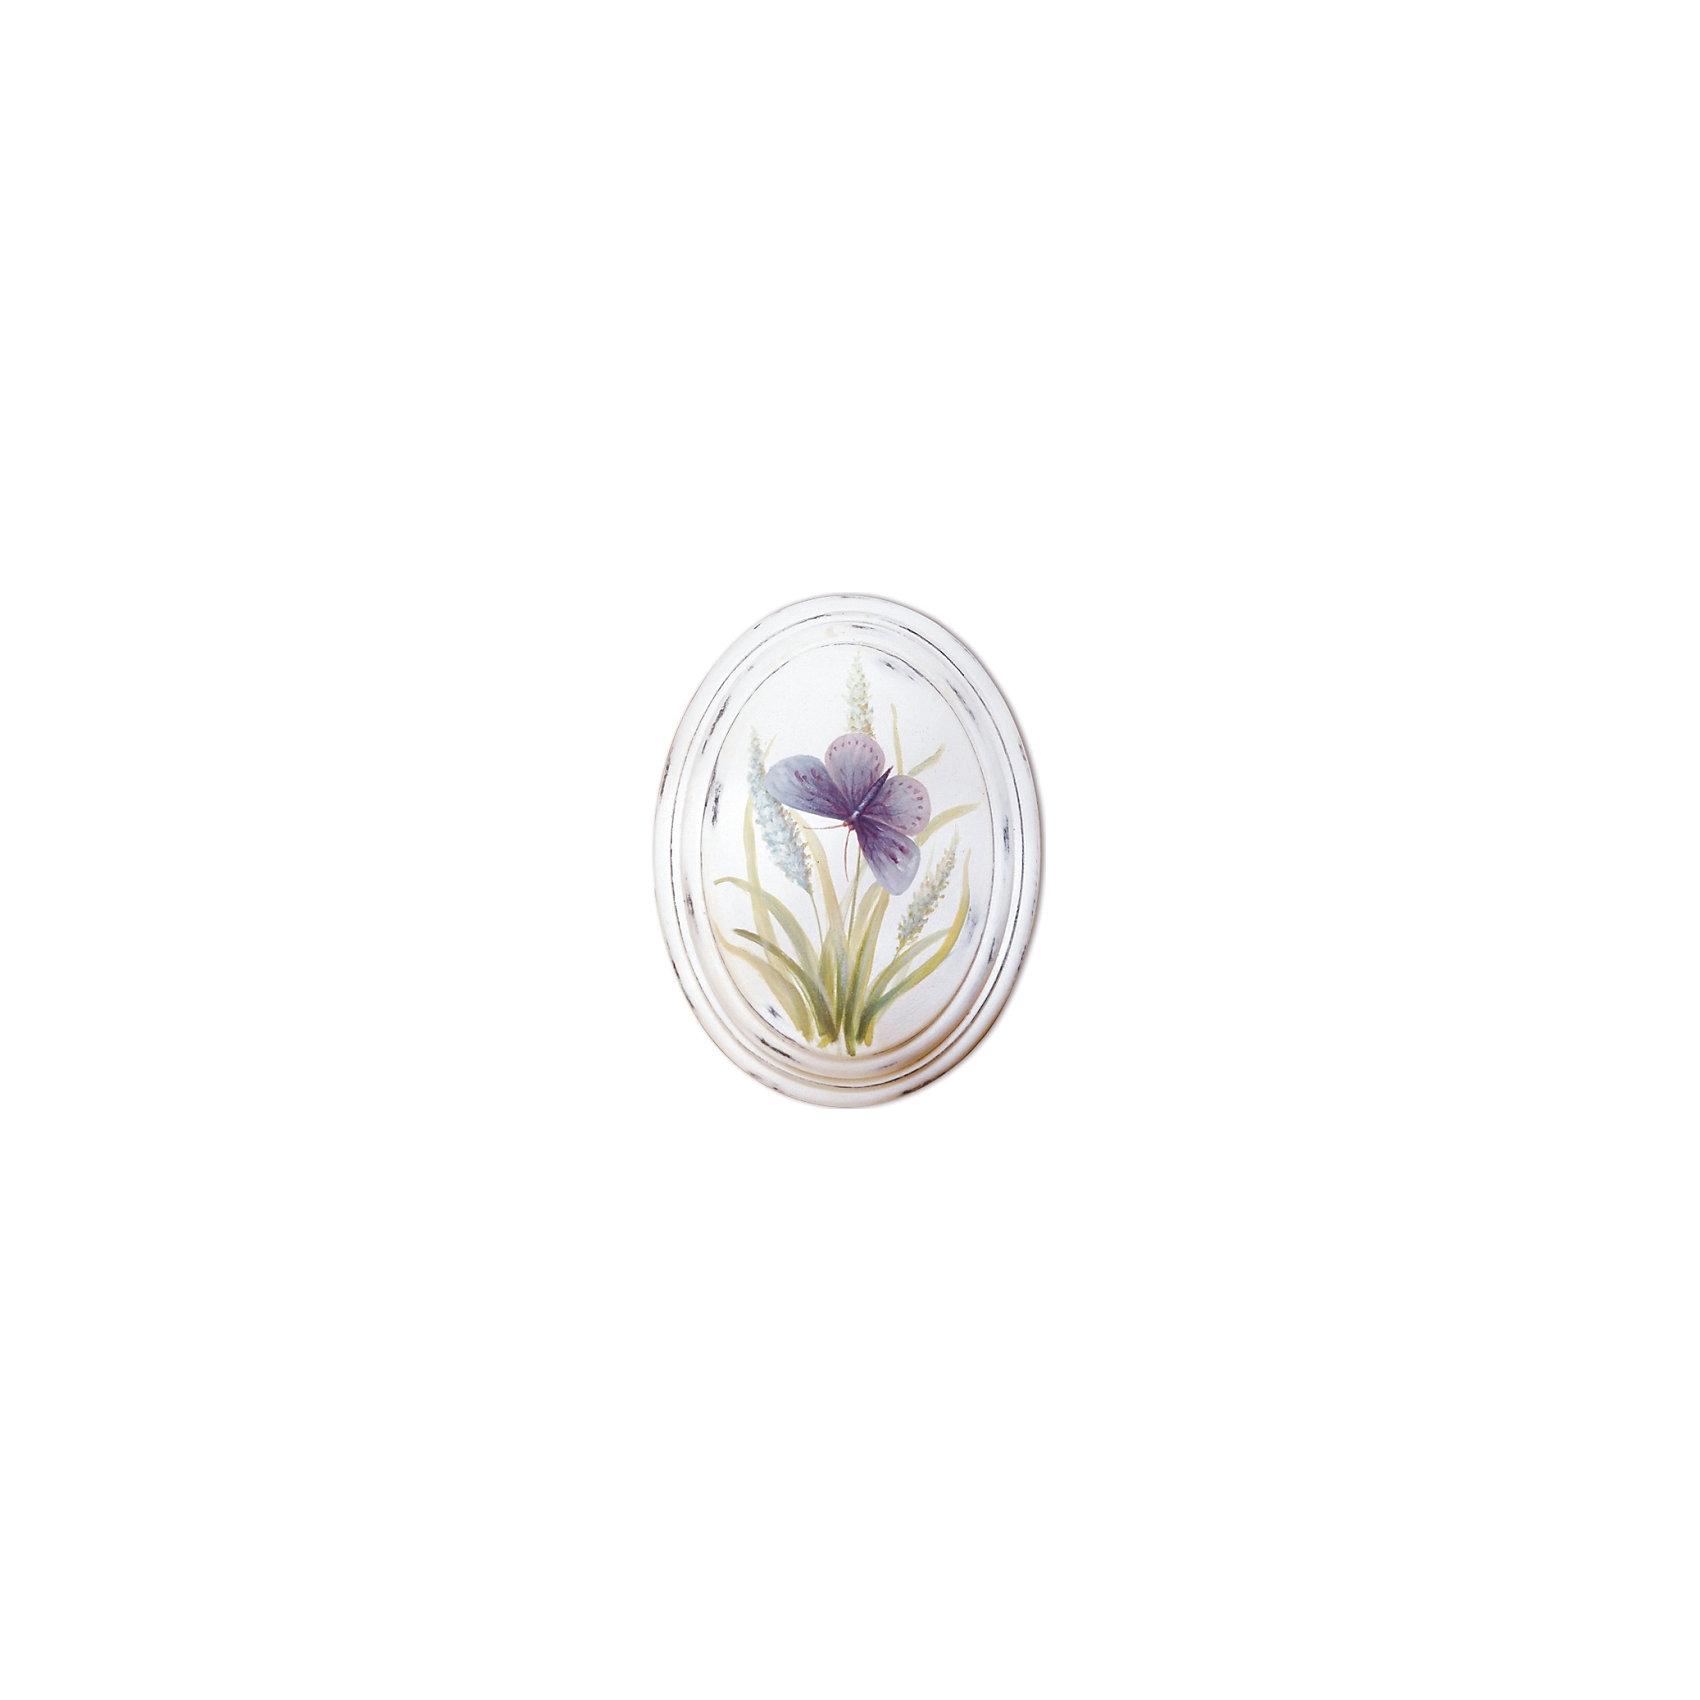 Картина - репродукция Сиреневая бабочка, Феникс-ПрезентПредметы интерьера<br>Картина - репродукция Сиреневая бабочка, Феникс-Презент <br><br>Характеристики:<br><br>• печать на бумаге<br>• дополнена ручной подрисовкой<br>• основа из МДФ<br>• рамка из МДФ<br>• размер: 17х22,5х3,8 см<br><br>Картина - репродукция Сиреневая бабочка украсят интерьер вашего дома и придадут ему гармонию и индивидуальность. На картине изображена небольшая бабочка у веточки растения. Рама и основа изготовлены из МДФ. Картина выполнена печатью на бумаге с ручной подрисовкой. Размер картины - 17х2,5х3,8 сантиметров.<br><br>Картину - репродукцию Сиреневая бабочка, Феникс-Презент можно купить в нашем интернет-магазине.<br><br>Ширина мм: 170<br>Глубина мм: 225<br>Высота мм: 380<br>Вес г: 316<br>Возраст от месяцев: -2147483648<br>Возраст до месяцев: 2147483647<br>Пол: Унисекс<br>Возраст: Детский<br>SKU: 5449558